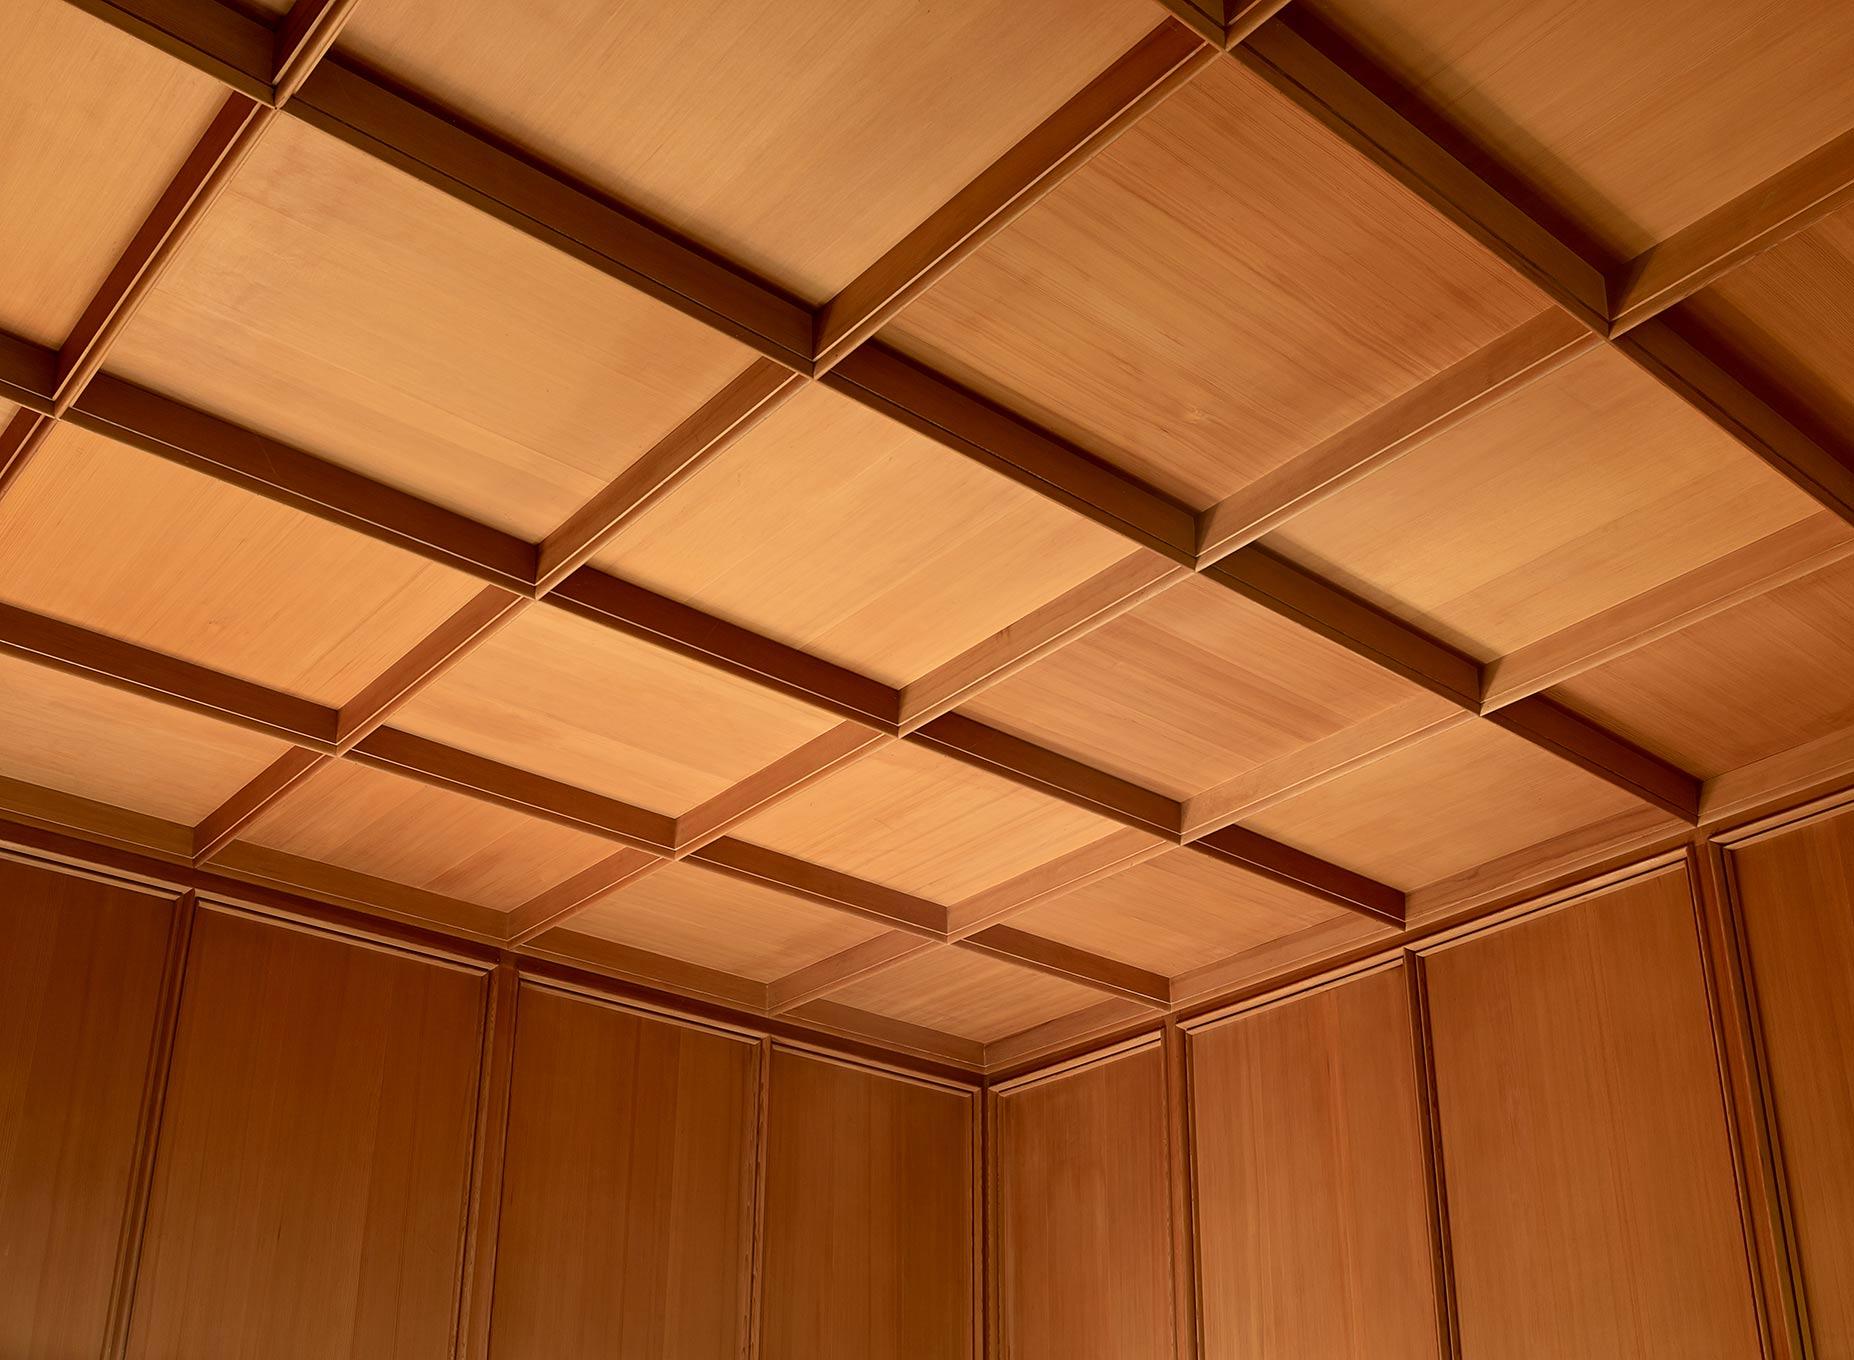 Watzek ceiling